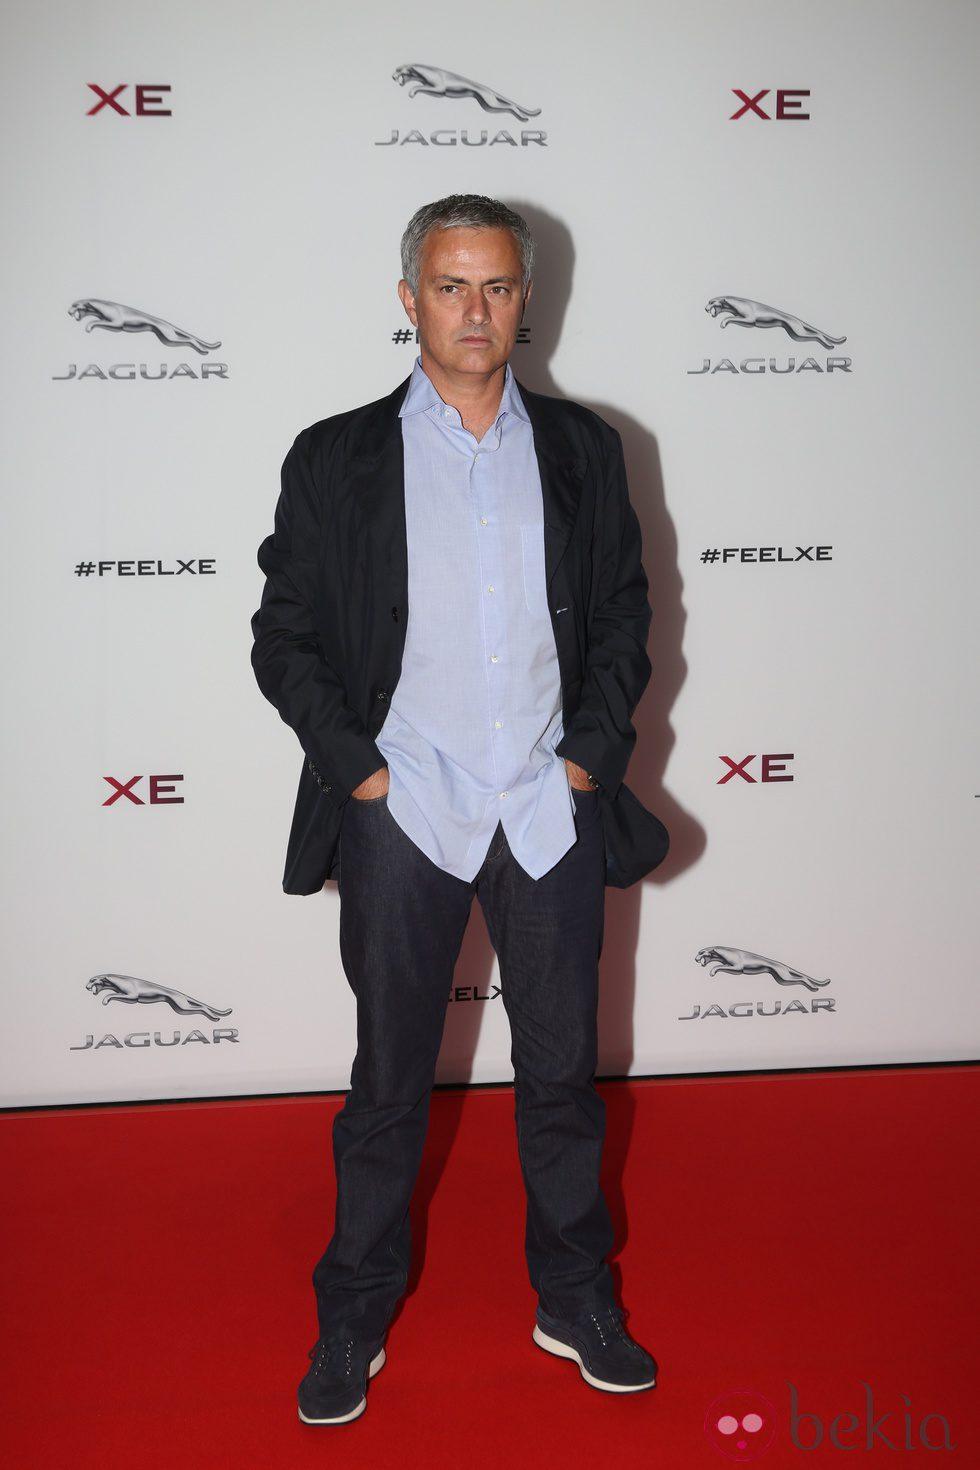 Jose Mourinho en una fiesta de Jaguar en Londres